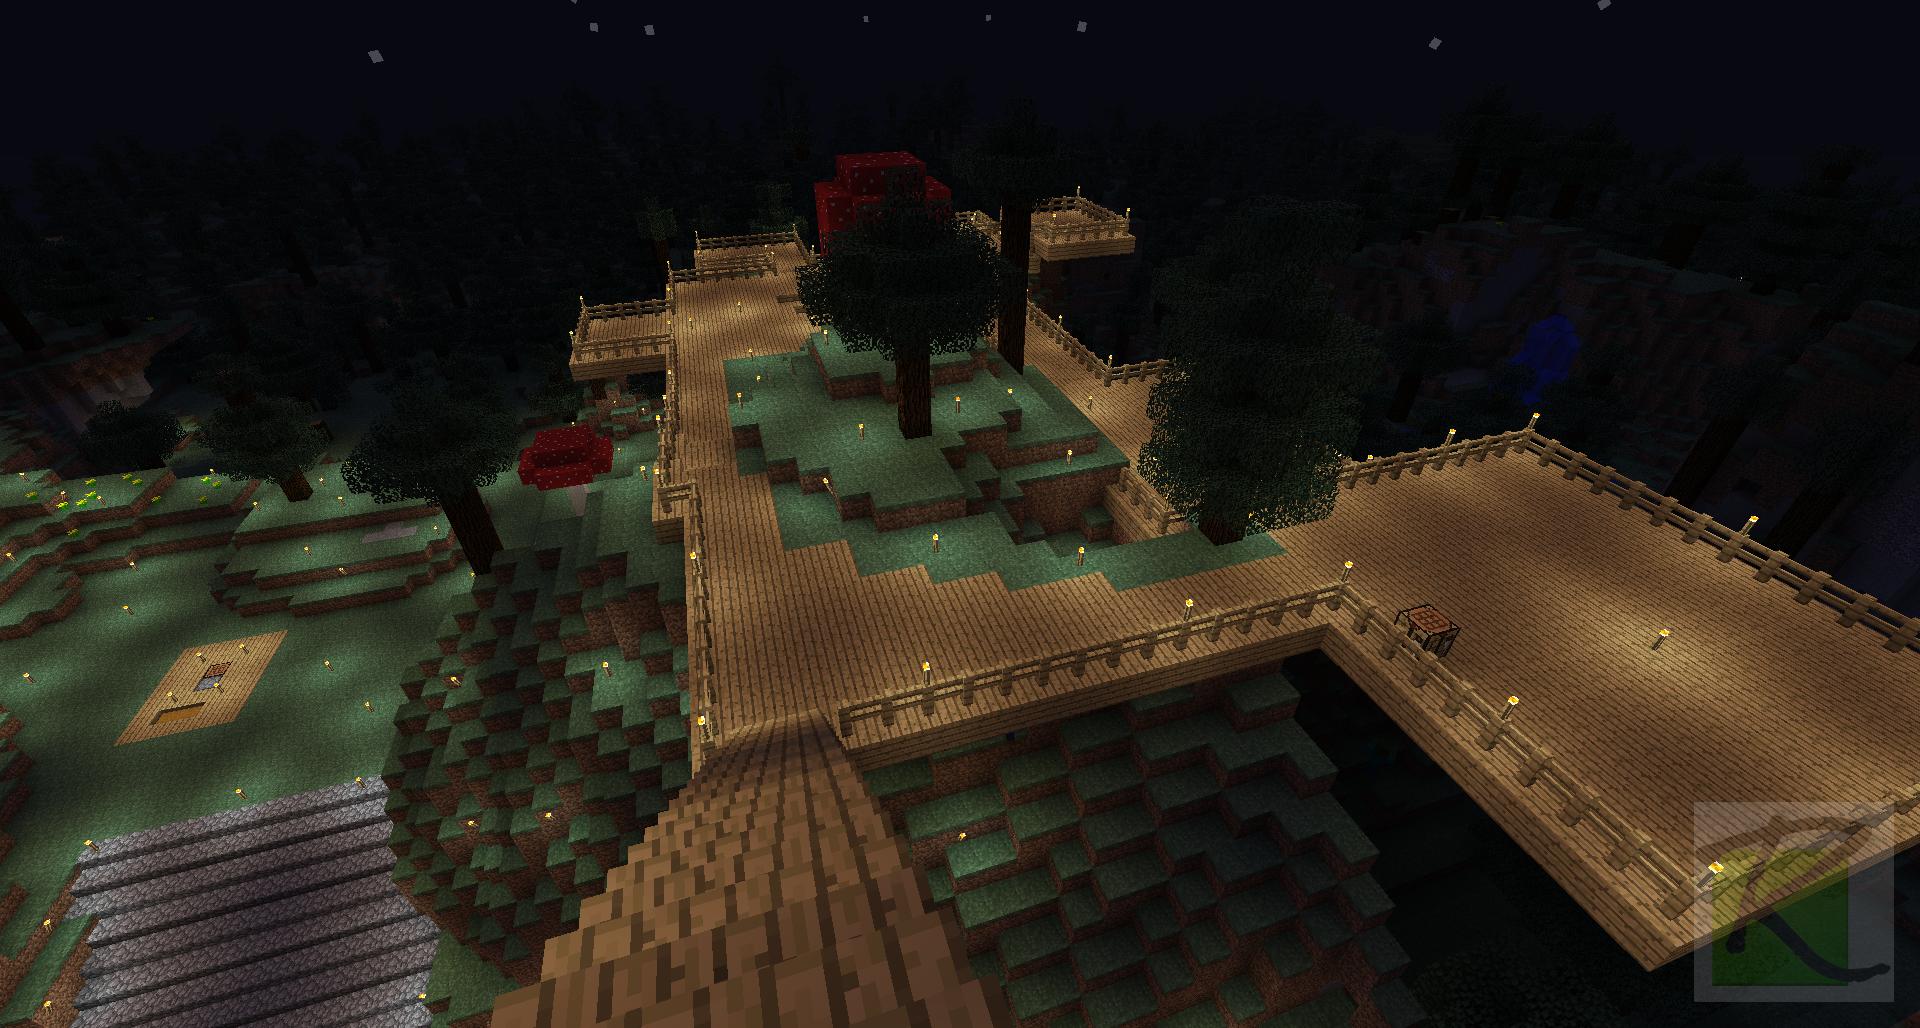 Hill-top Balconies and Garden  Minecraft Screenshots- A visual